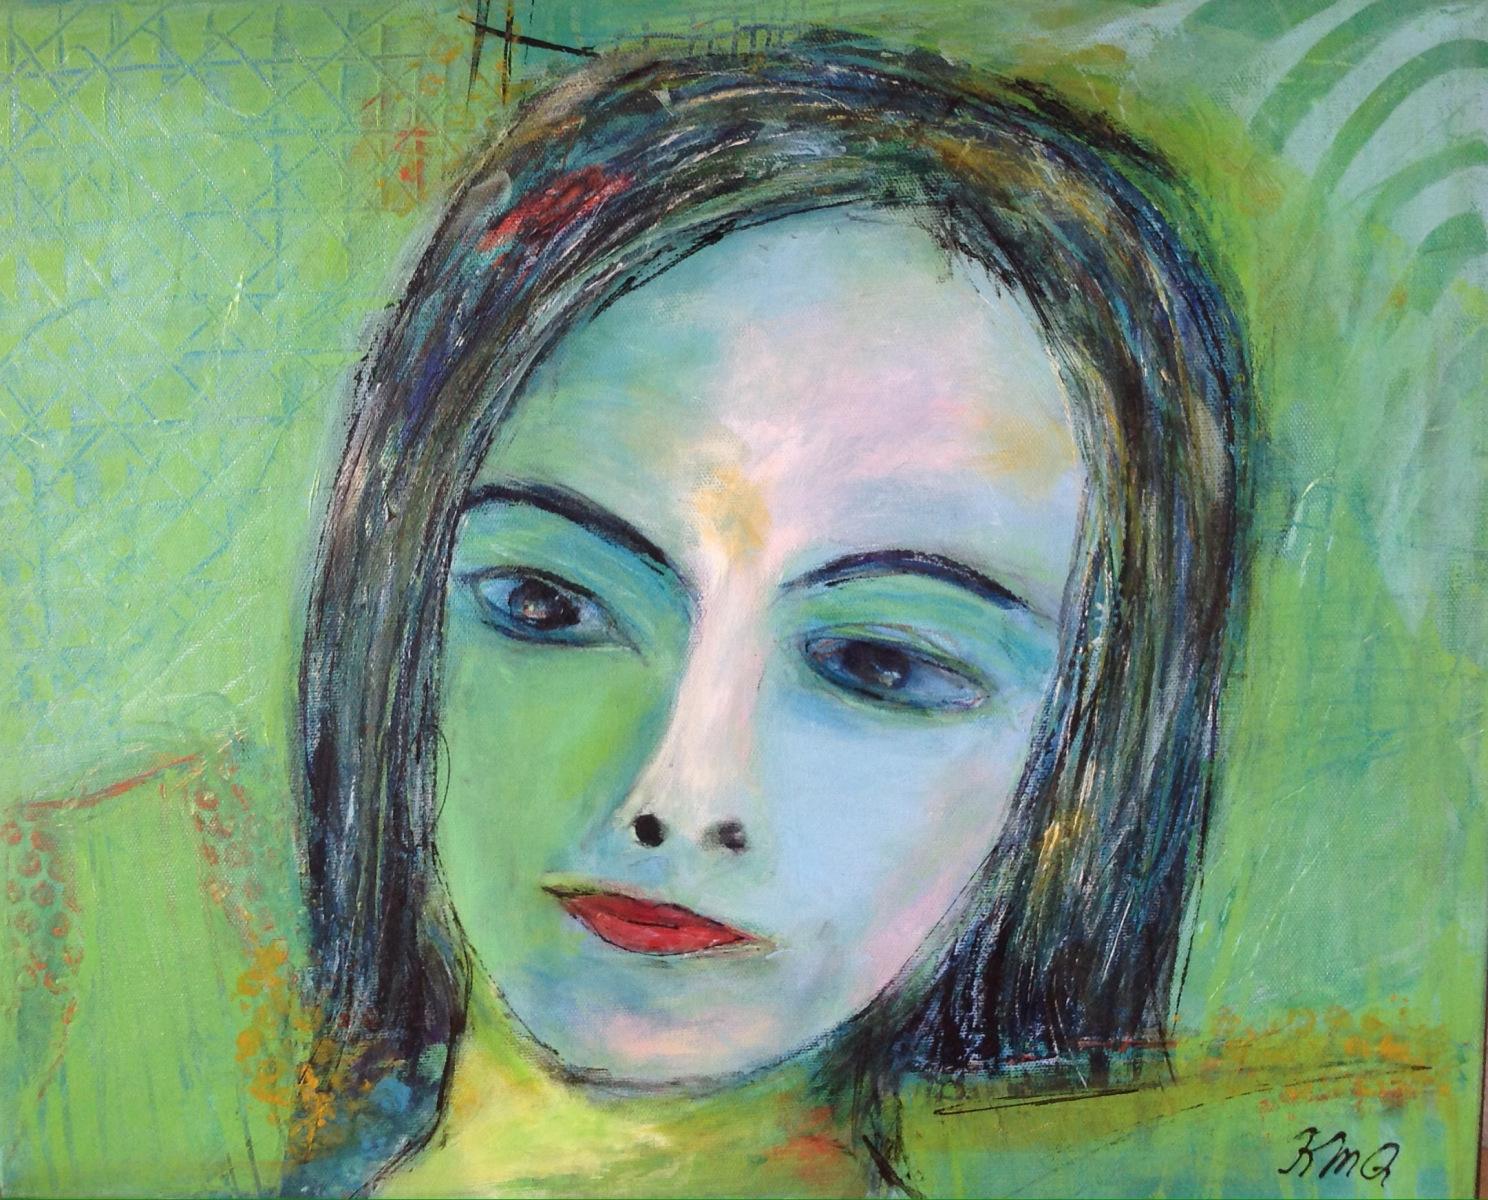 Leg med portræt maling i Grenå